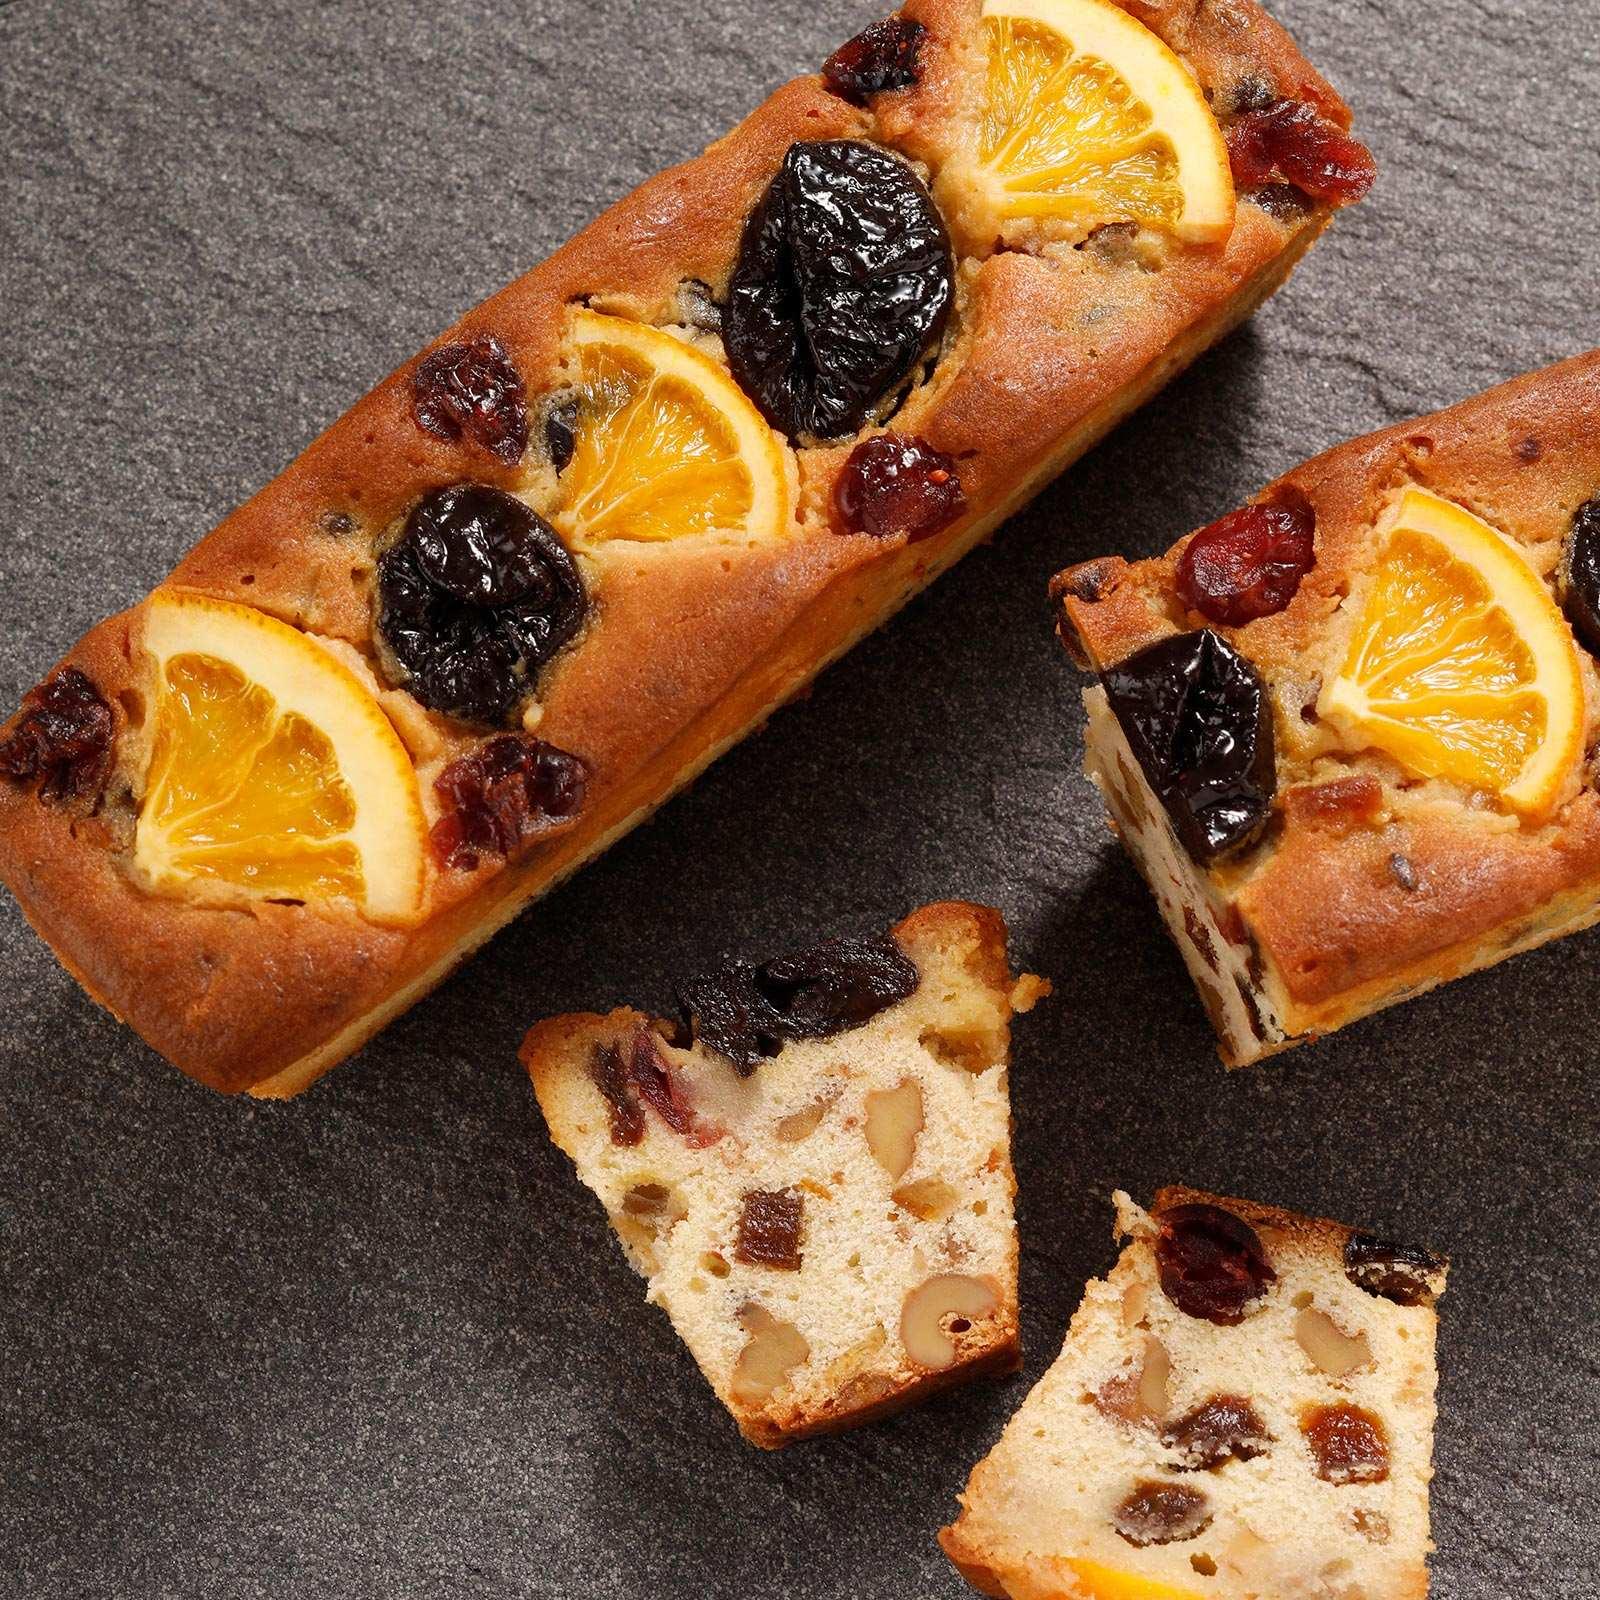 ドライフルーツと胡桃のミニパウンドケーキ